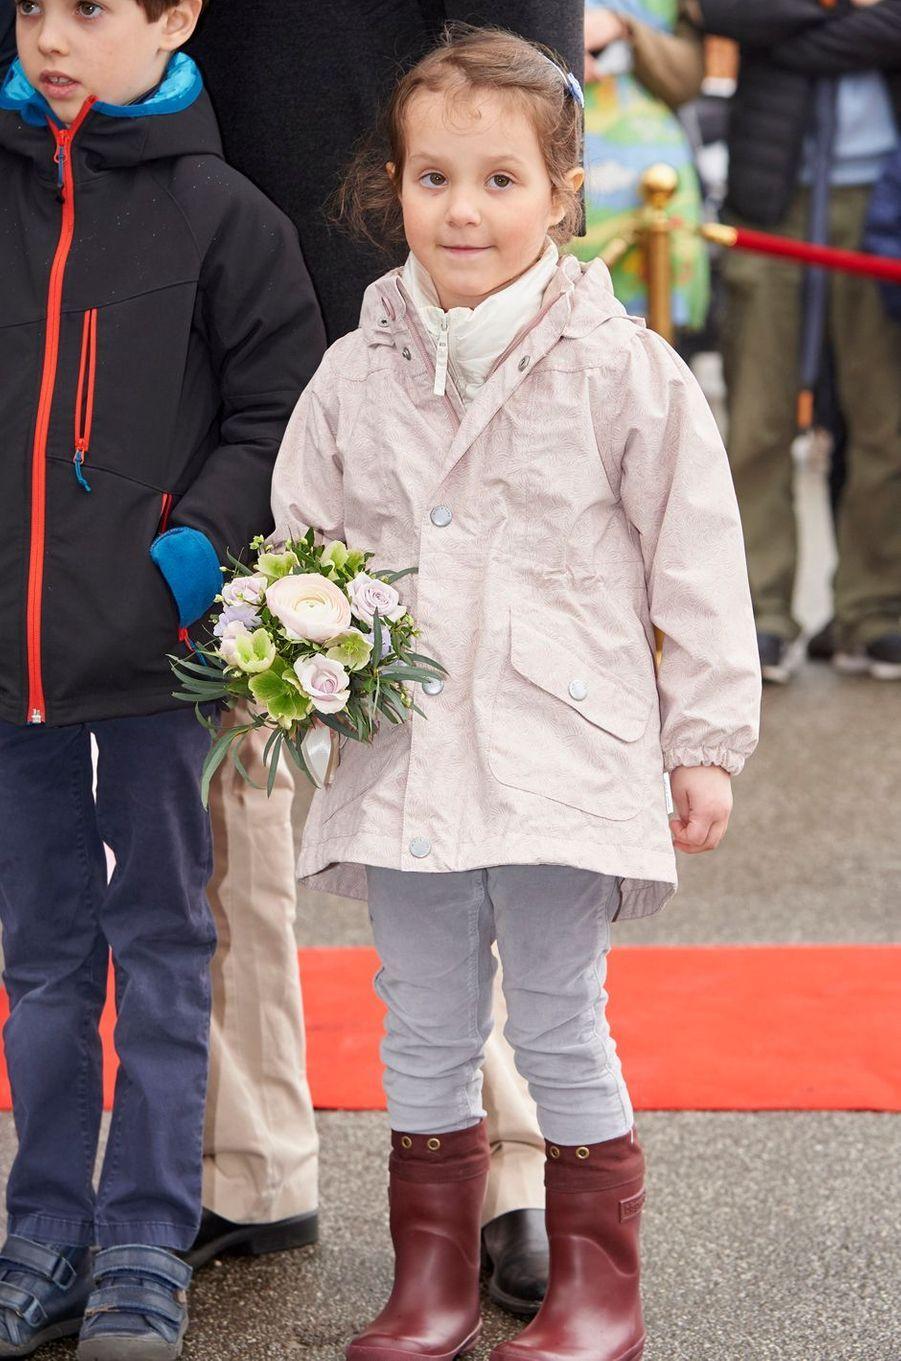 La princesse Athena de Danemark à Copenhague, le 30 mars 2017